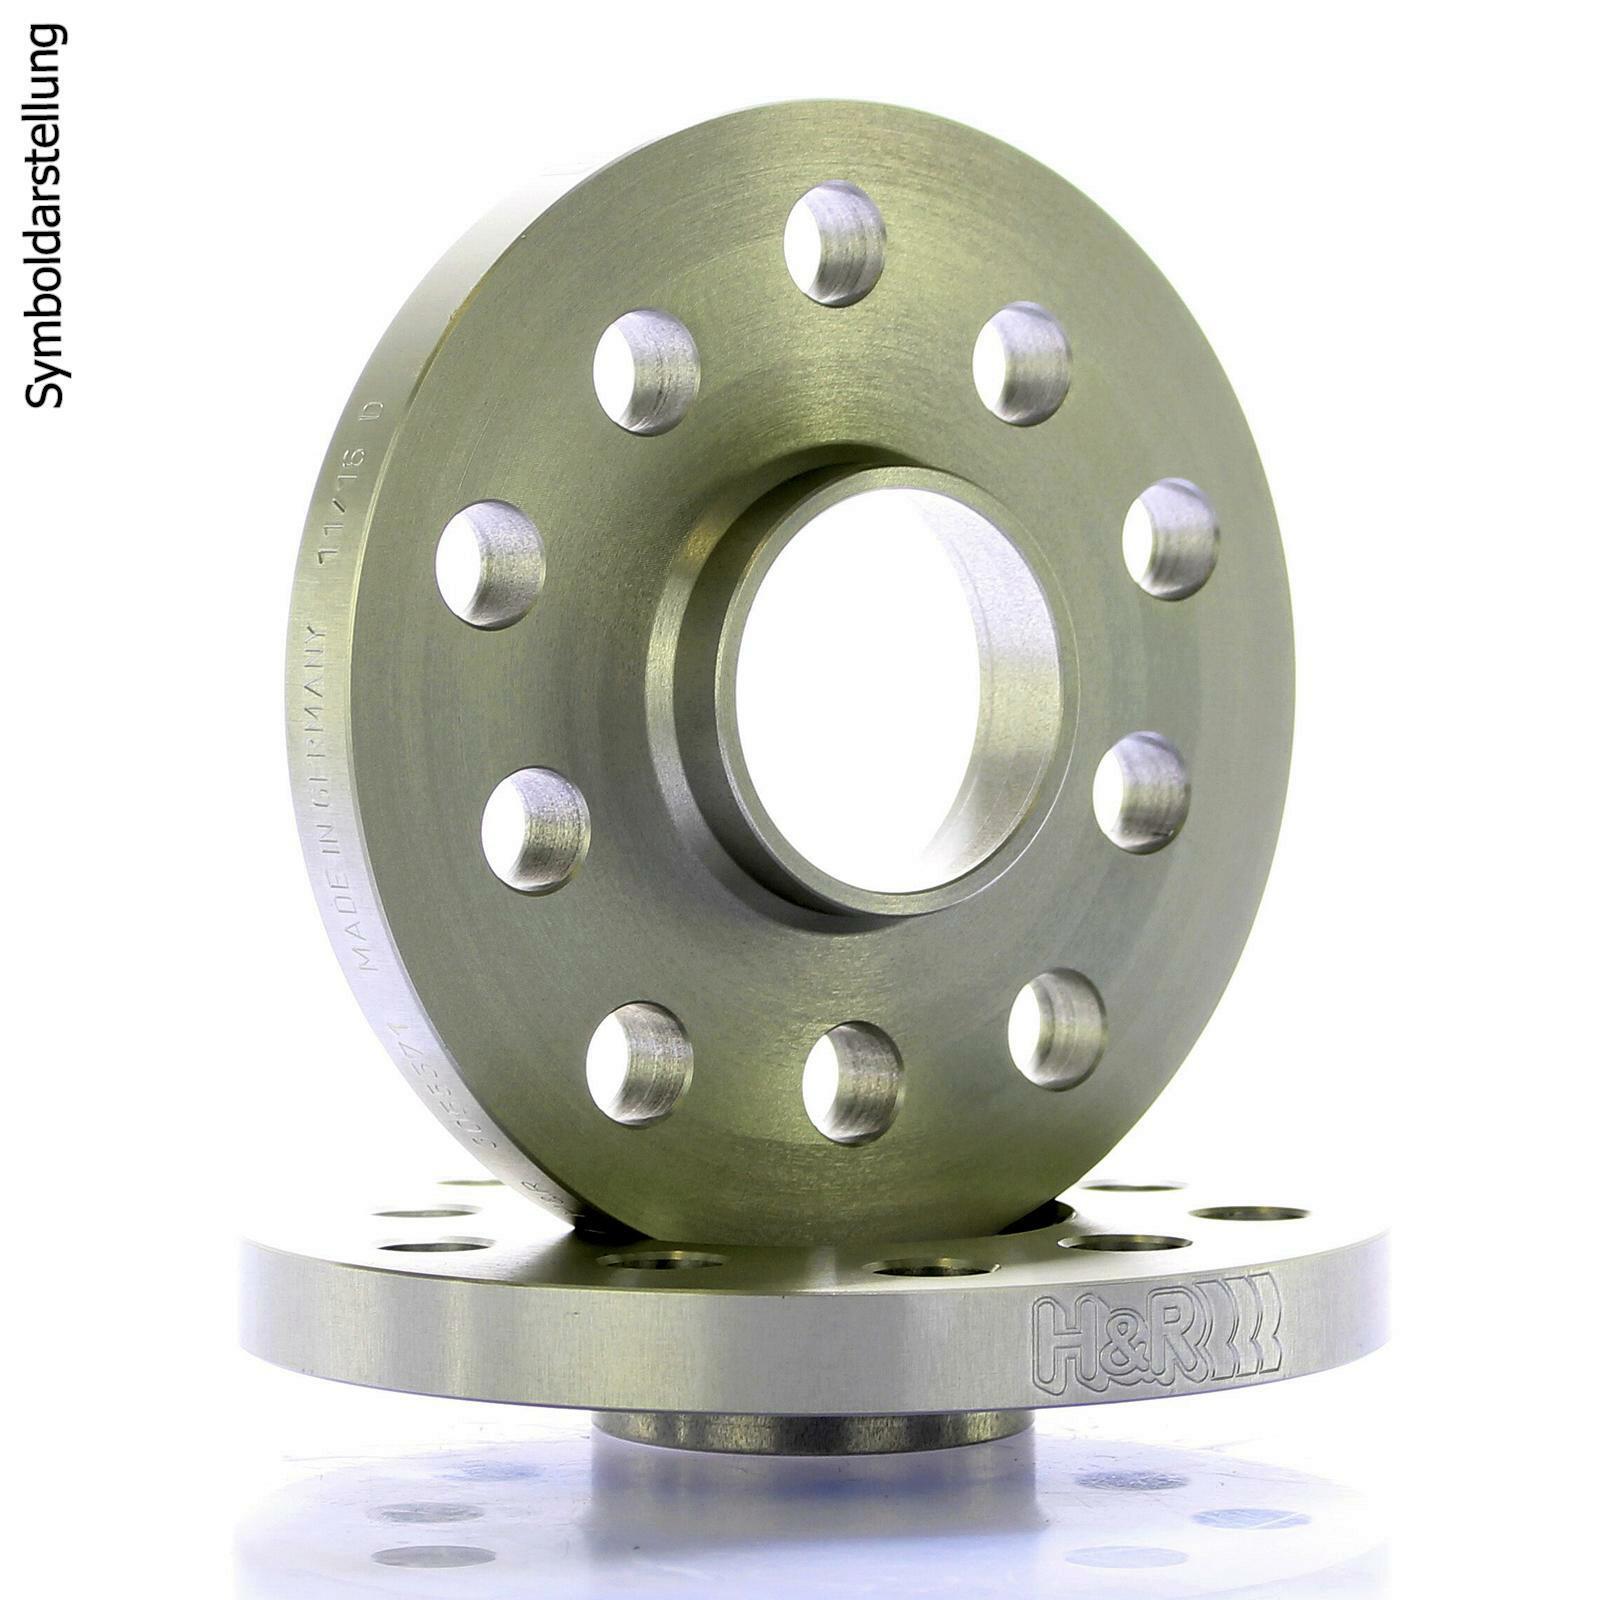 H&R DR Spurplatten Spurverbreiterung Distanzscheiben/Ringe 5x112 20mm // 2x10mm